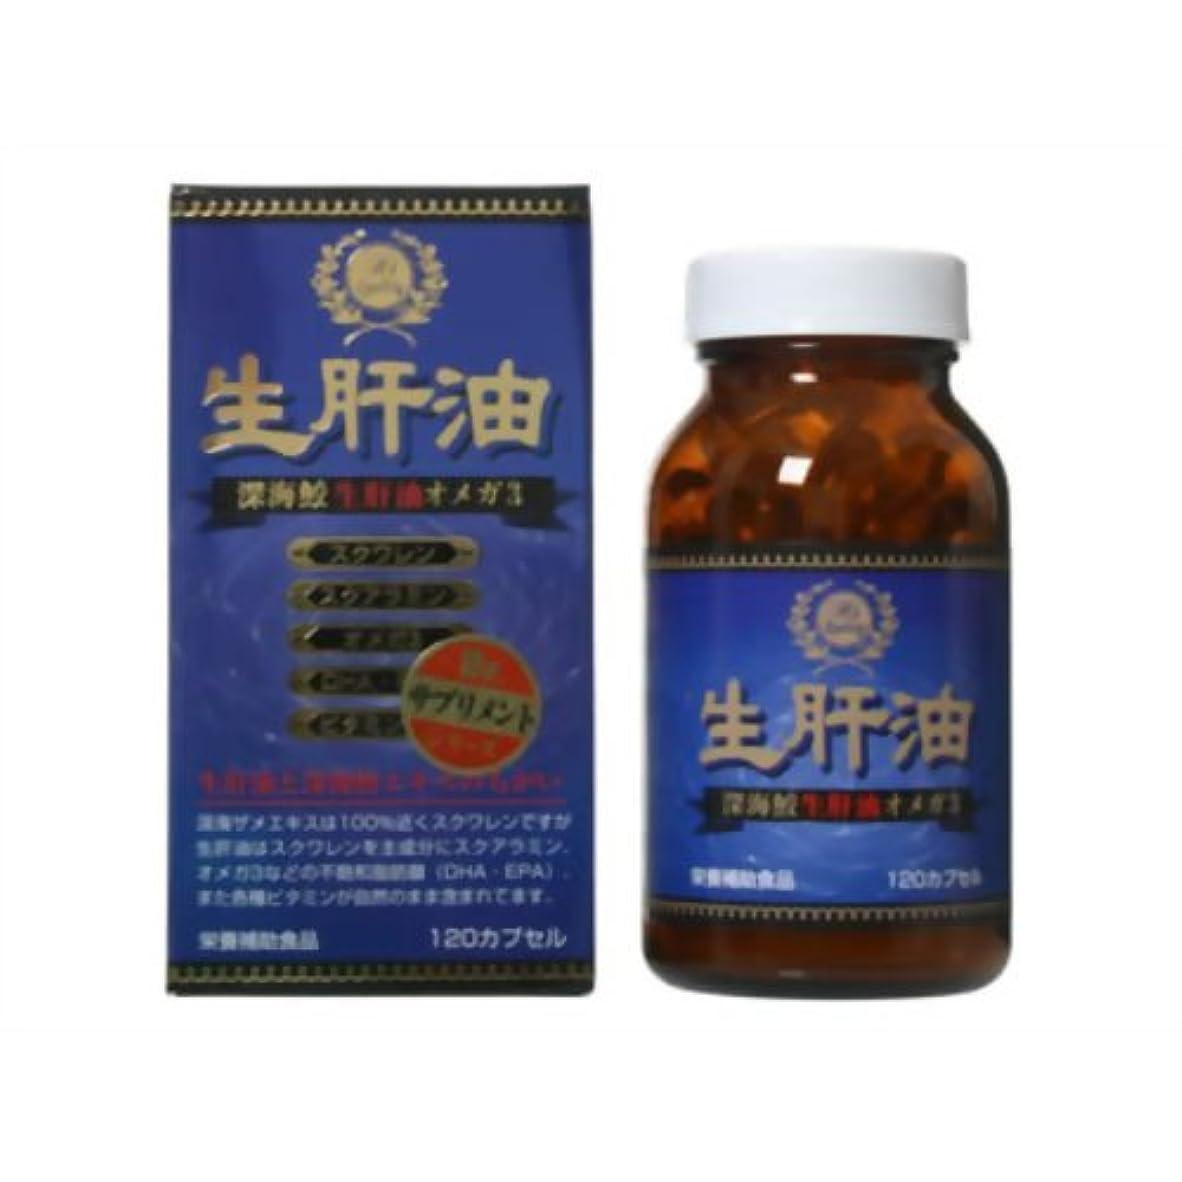 指標アームストロングクラッシュ生肝油 オメガ3 120カプセル